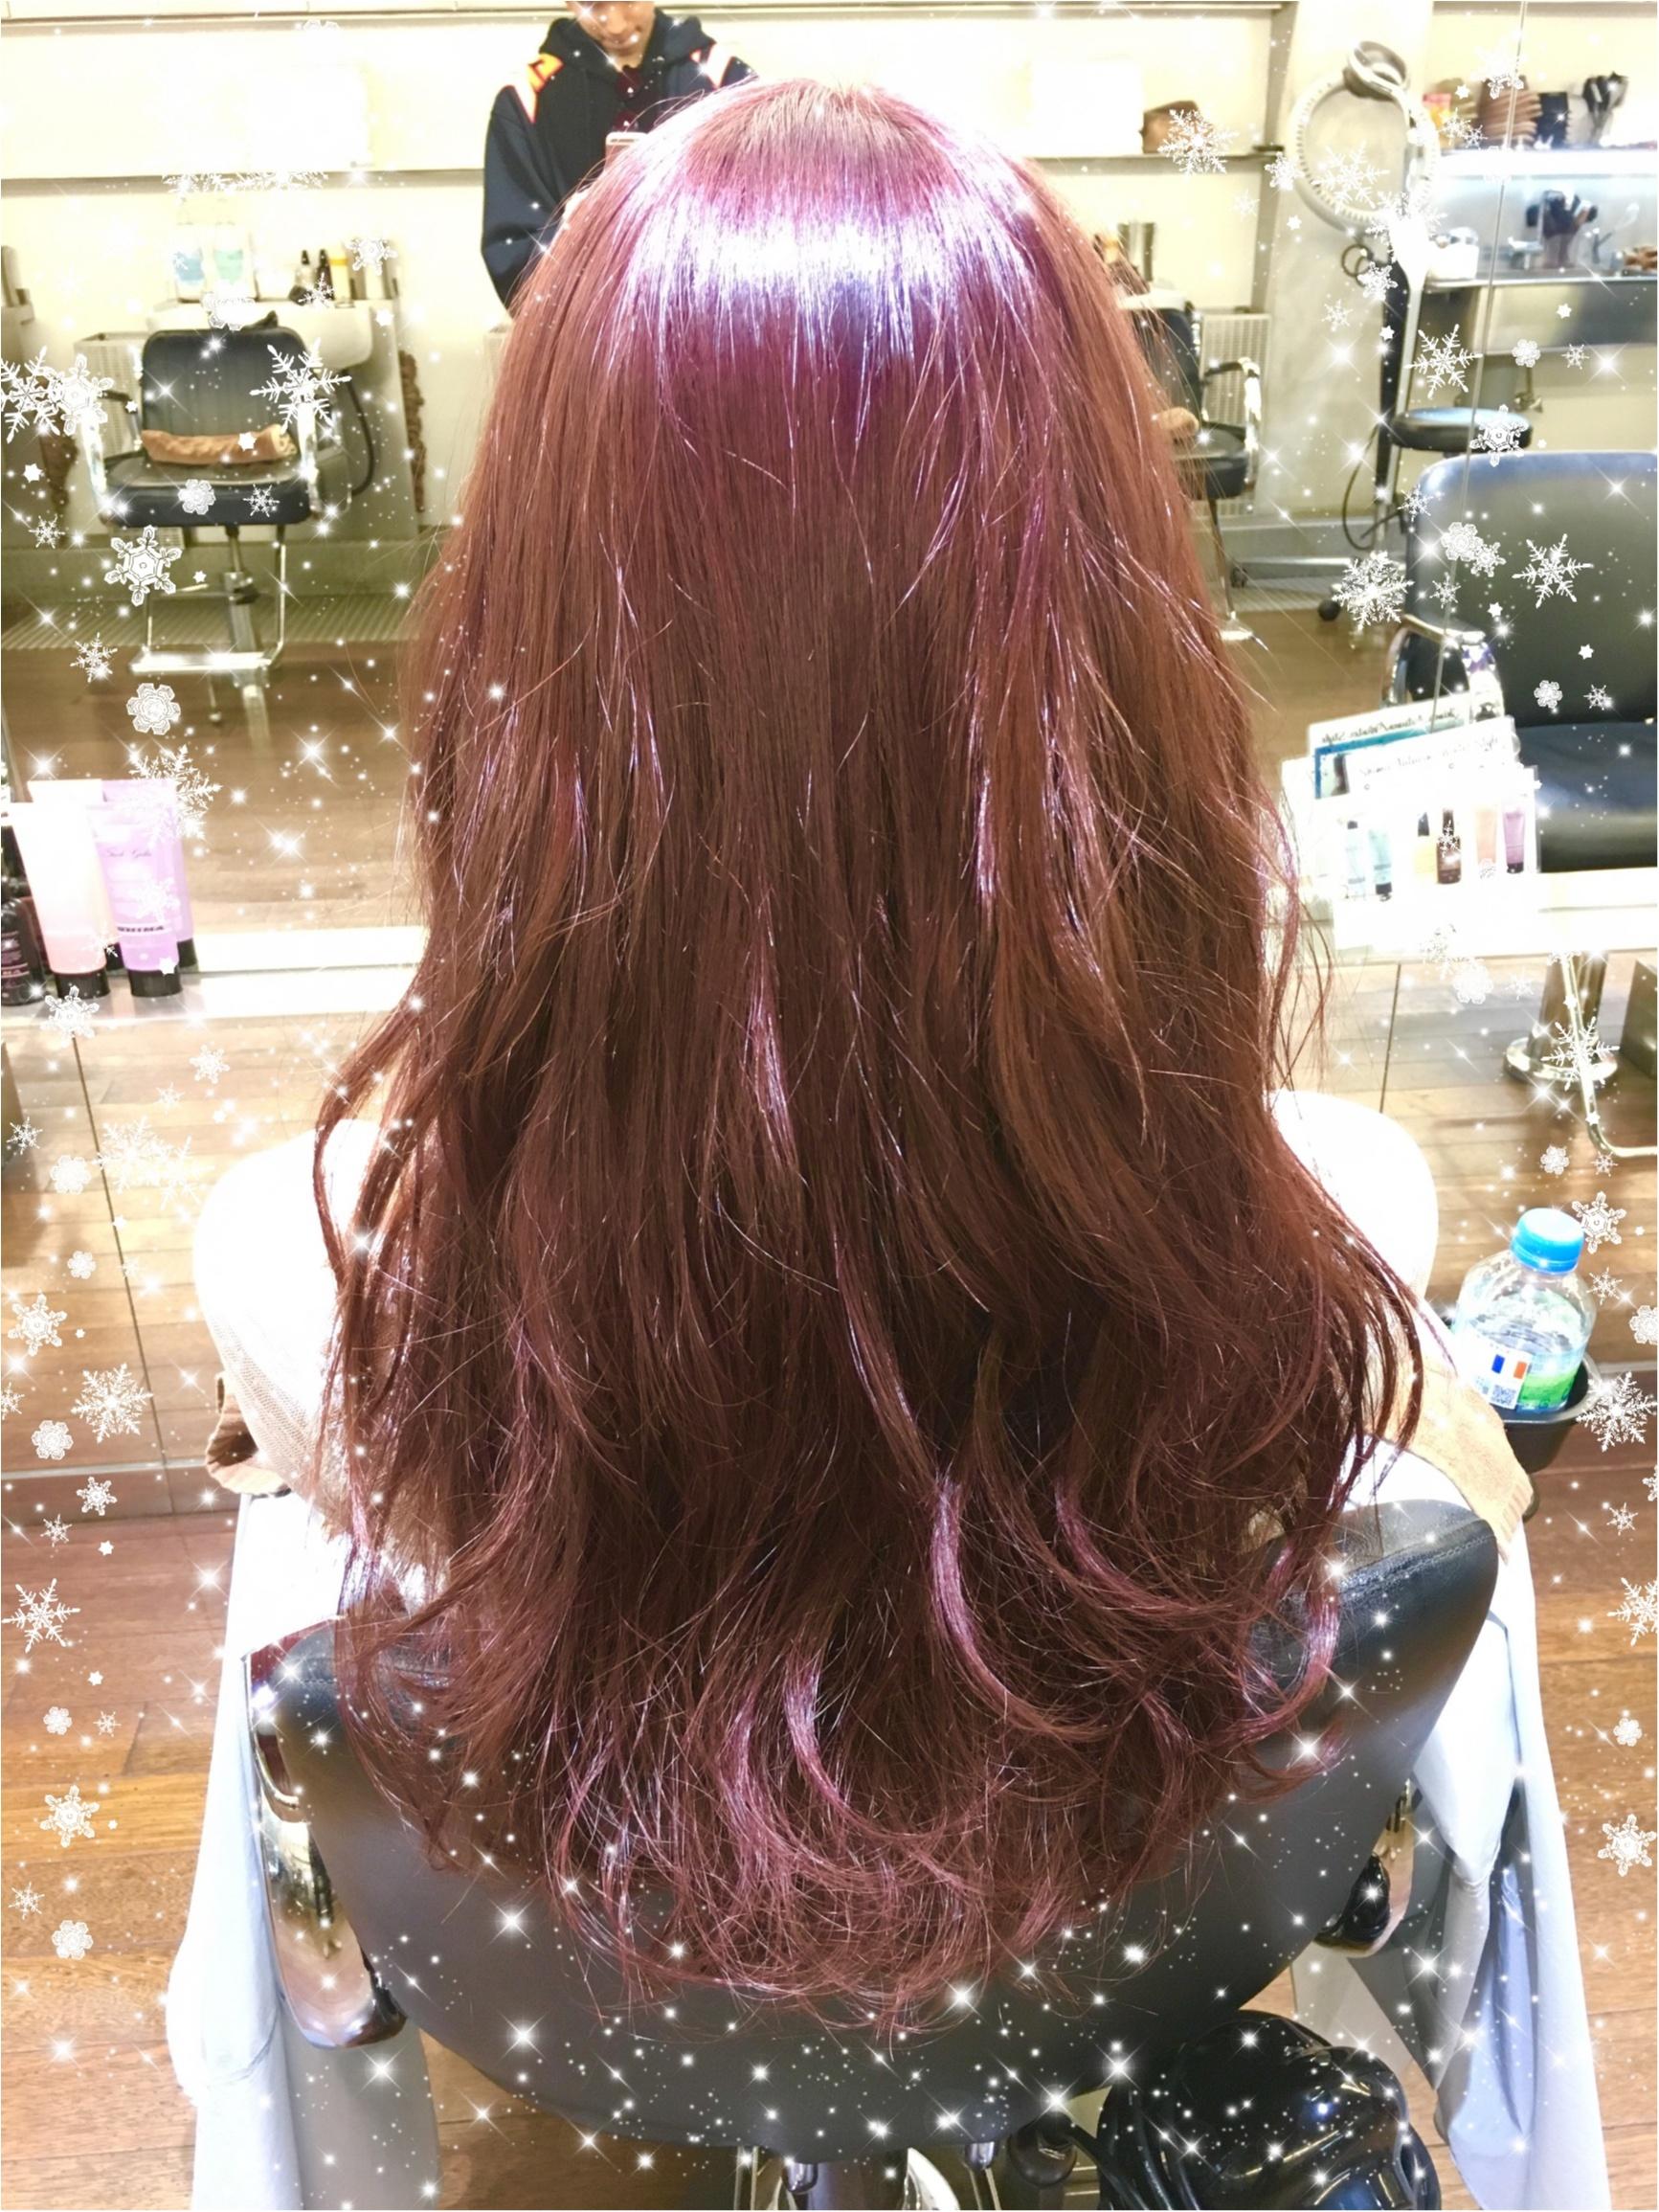 ☺︎♡究極かわいいガーリーヘア♡奇抜すぎない、けど被らない✨今年の秋冬カラーは是非Pink♡綺麗に染めるコツ・色を保つコツは!_1